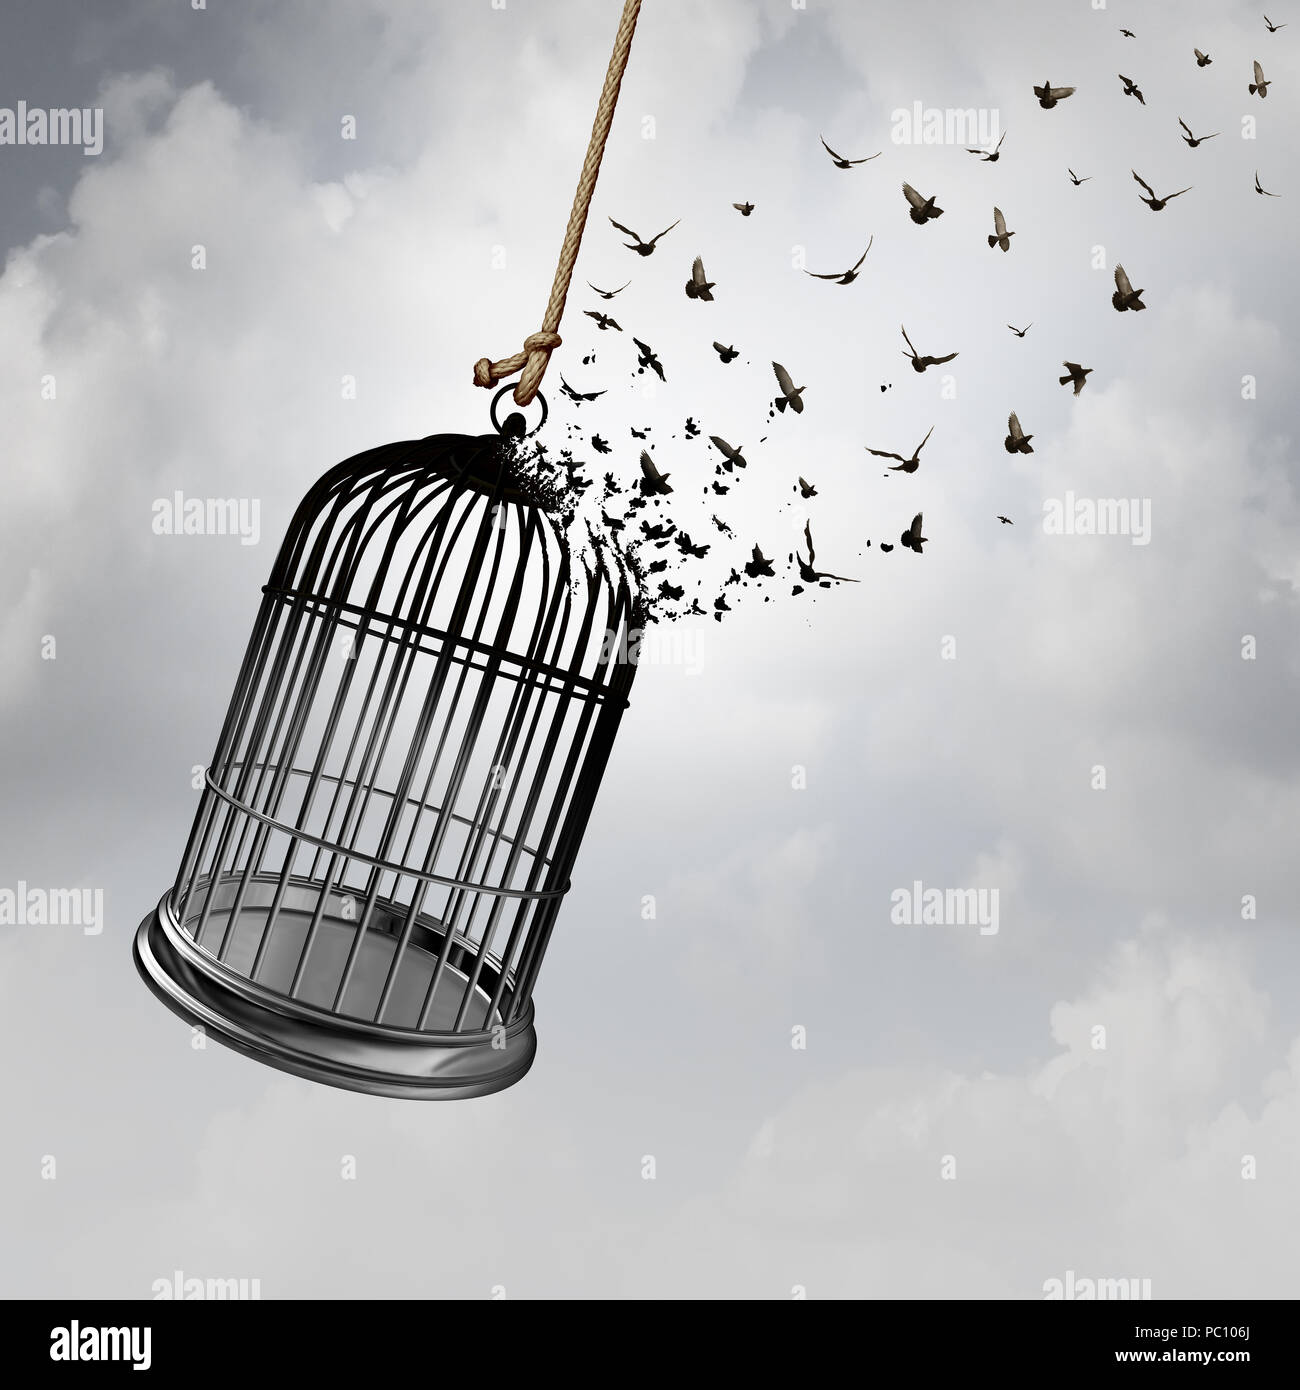 Libertà idea con una birdcage trasformando in uccelli in volo come una cattività concetto astratto con rendering 3D elementi. Immagini Stock